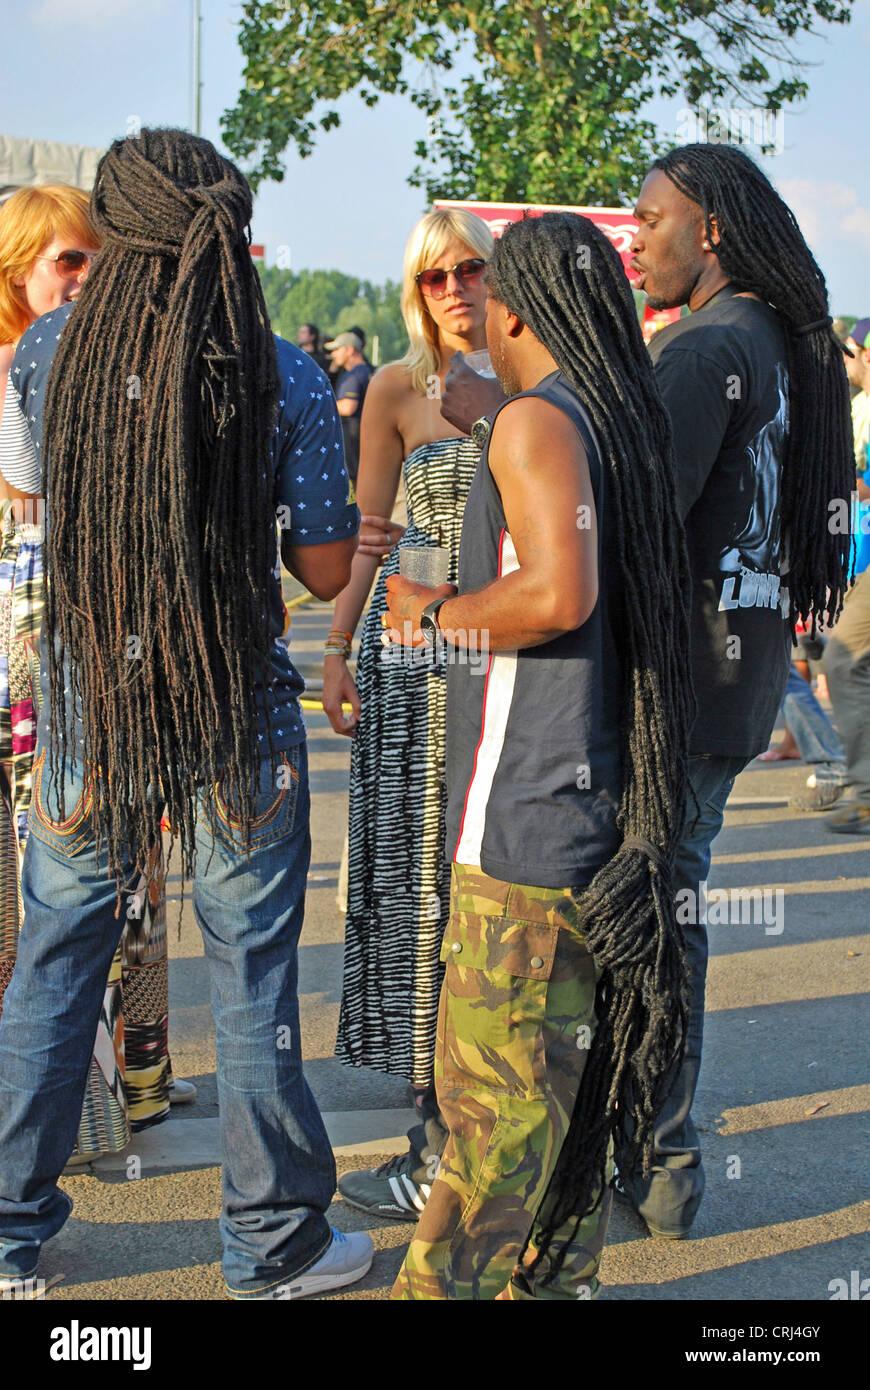 Los hombres con dreadlocks en el Summerjam festival de música 2009, el mayor festival de reggae en Europa Imagen De Stock